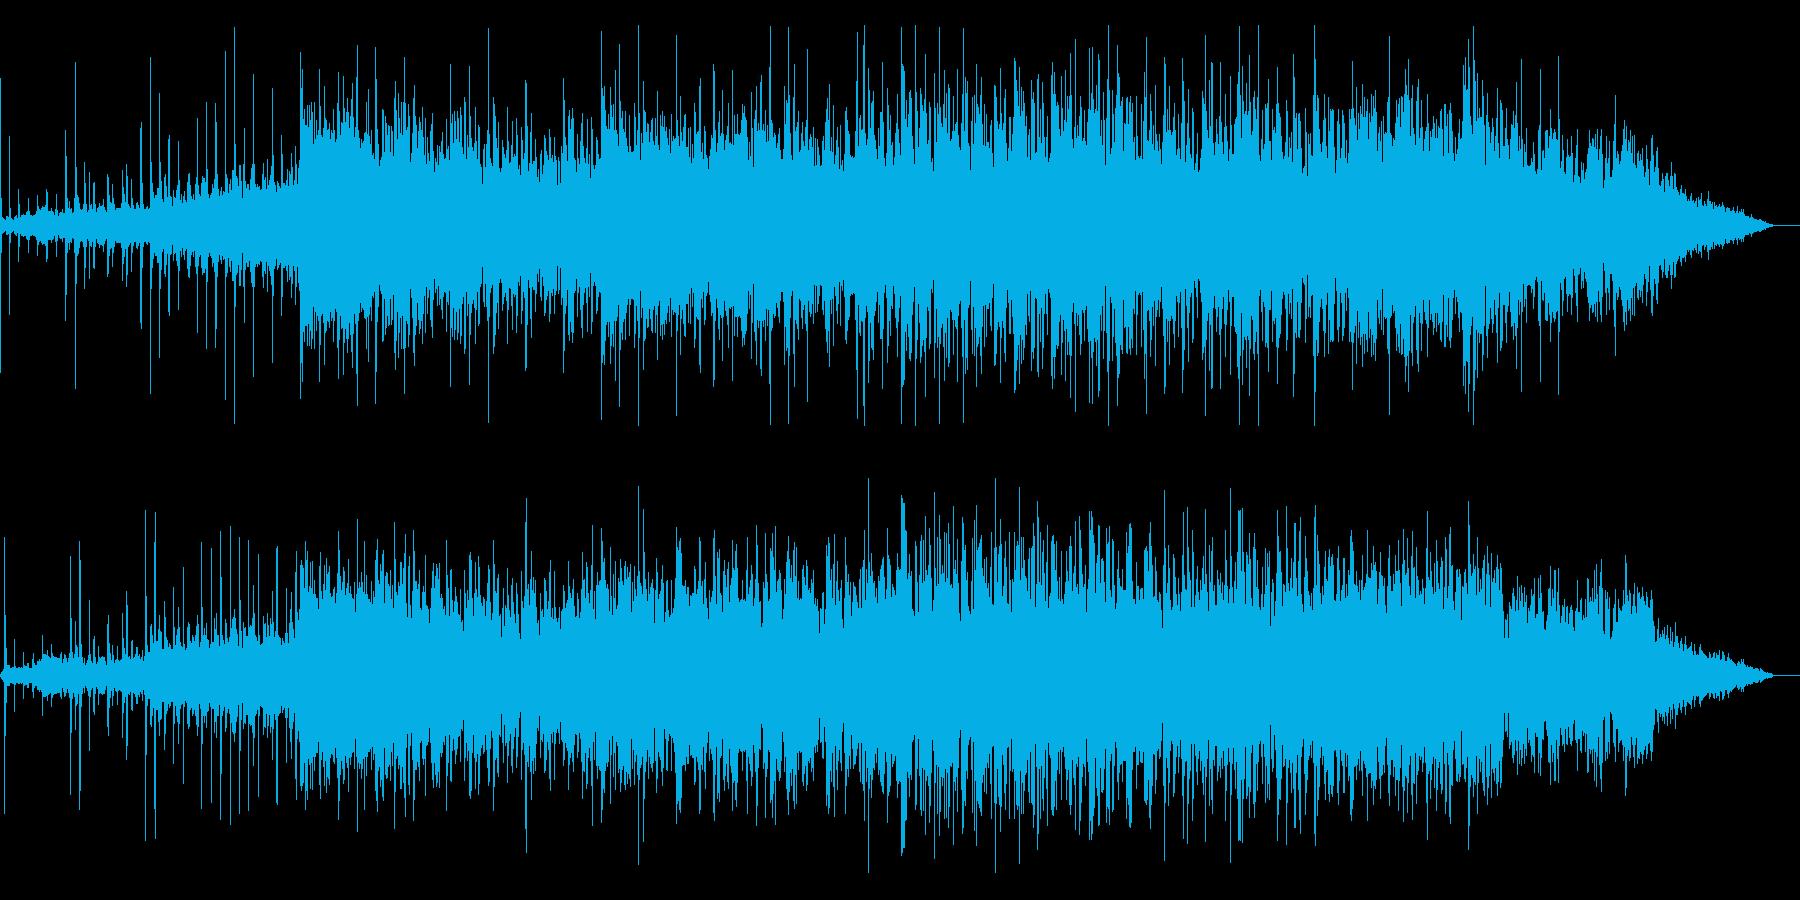 調性のない不思議なIDMの再生済みの波形